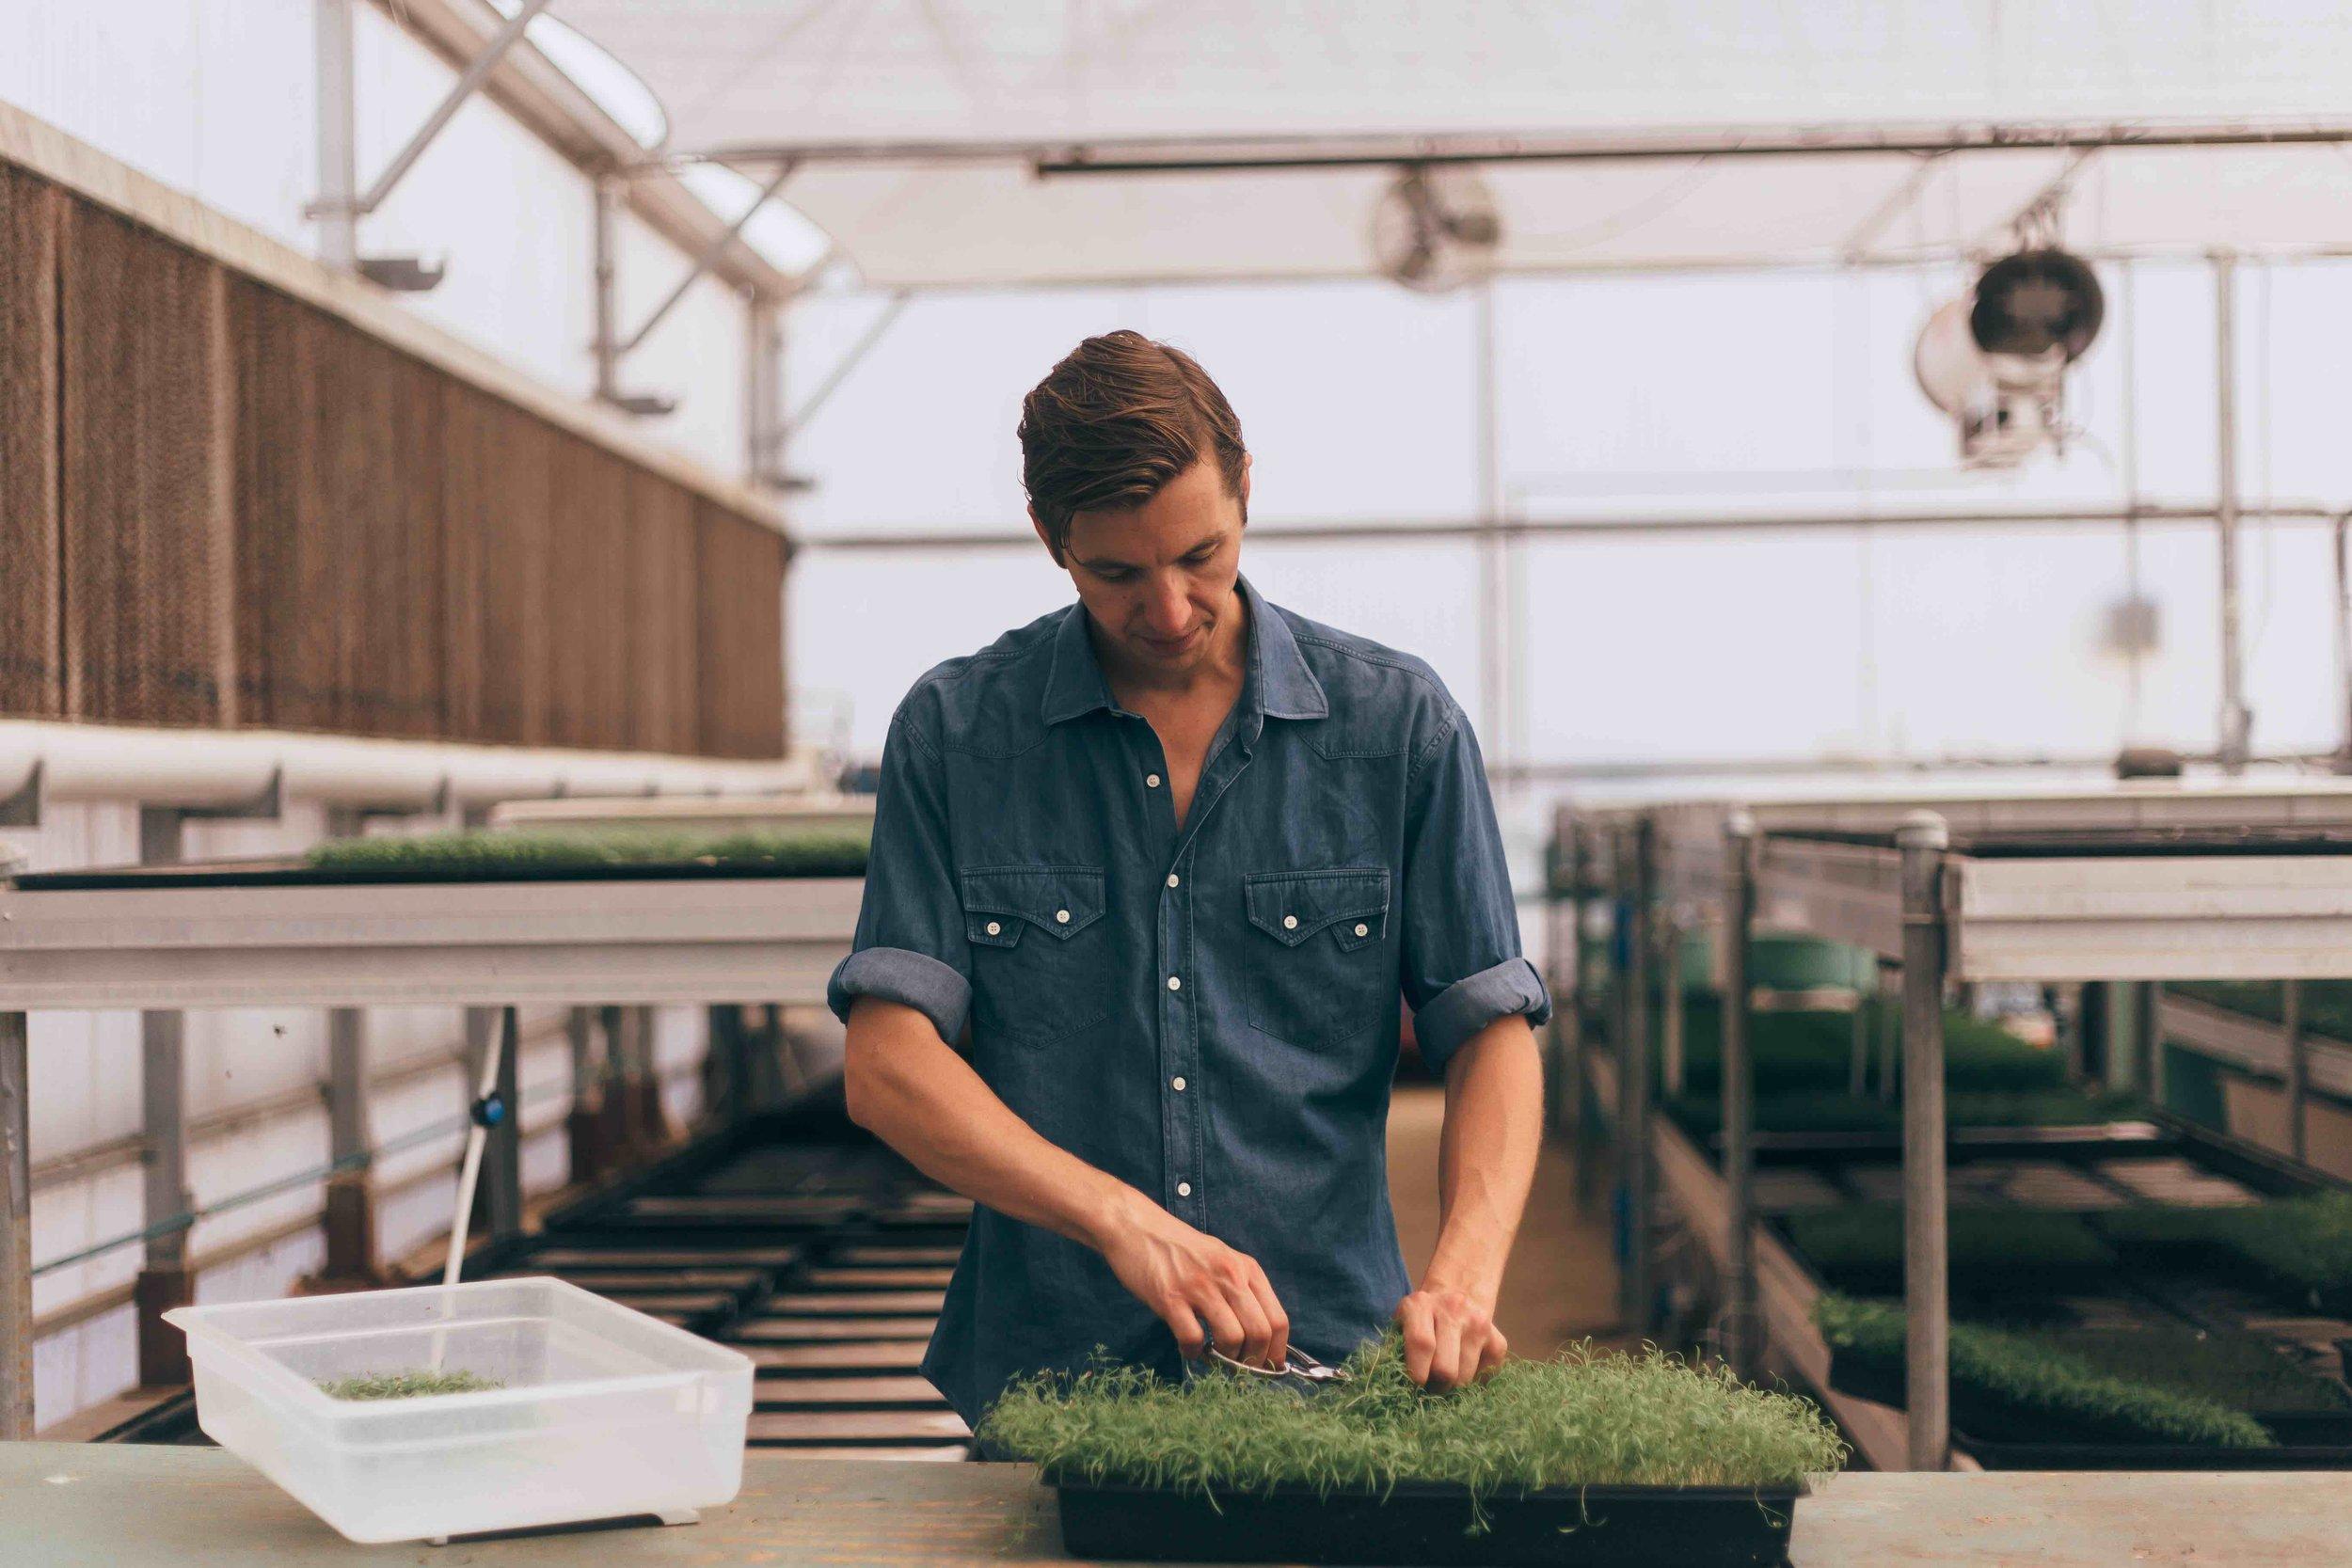 David in greenhouse.jpg